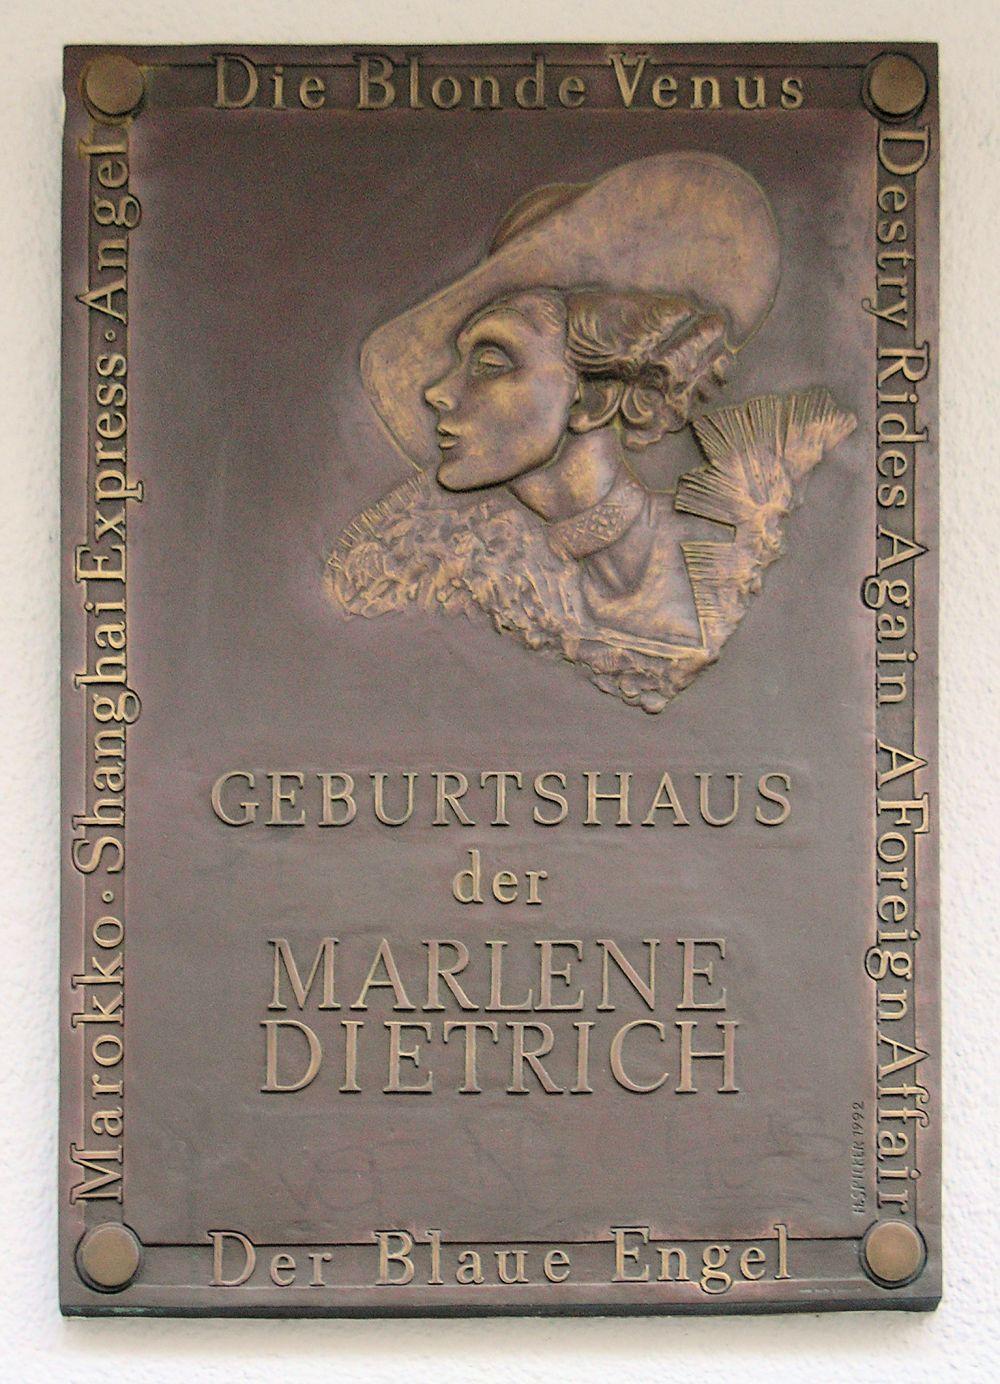 Дитрих скончалась 6 мая 1992 года в результате нарушения функции сердца и почек. Её гроб был доставлен в Берлин покрытым американским флагом. Марлен Дитрих похоронена на кладбище Штадттишер Фридхоф III рядом с могилой матери.